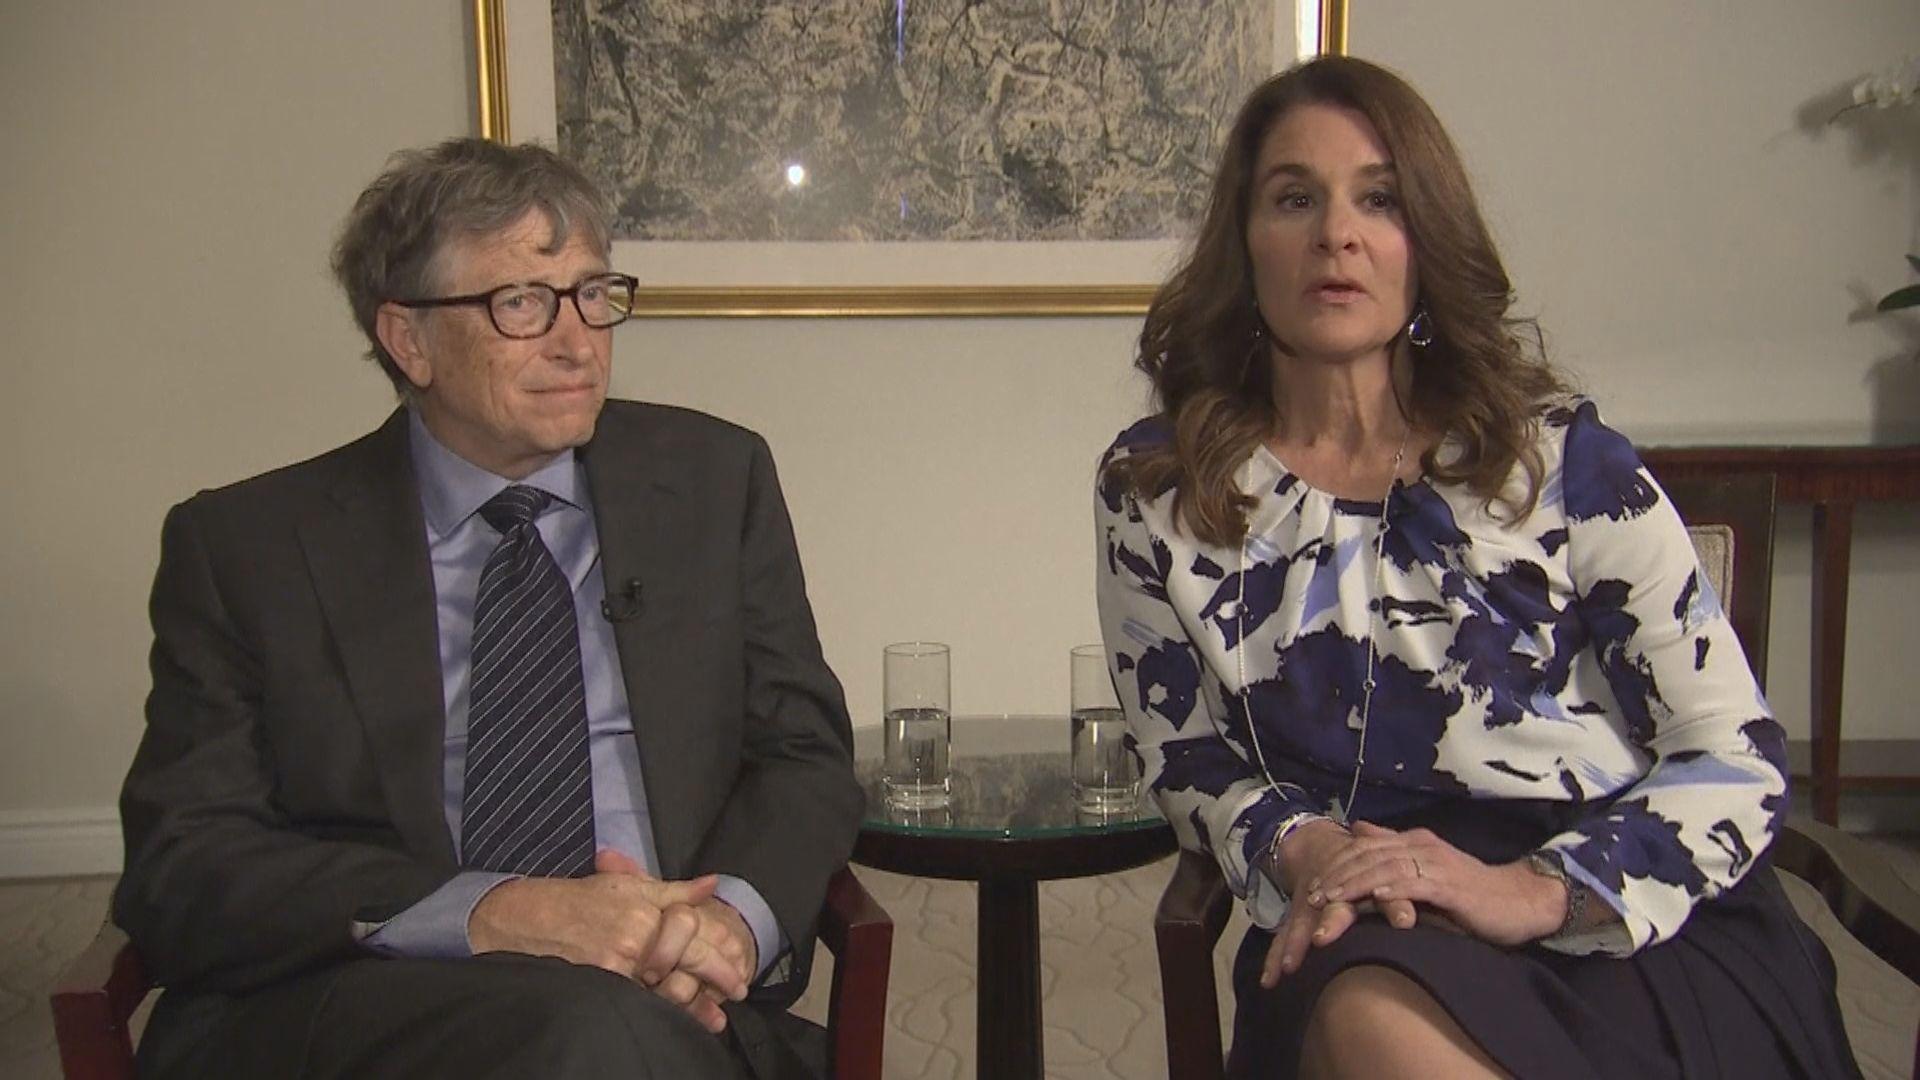 微軟創辦人蓋茨宣布與妻子梅琳達離婚